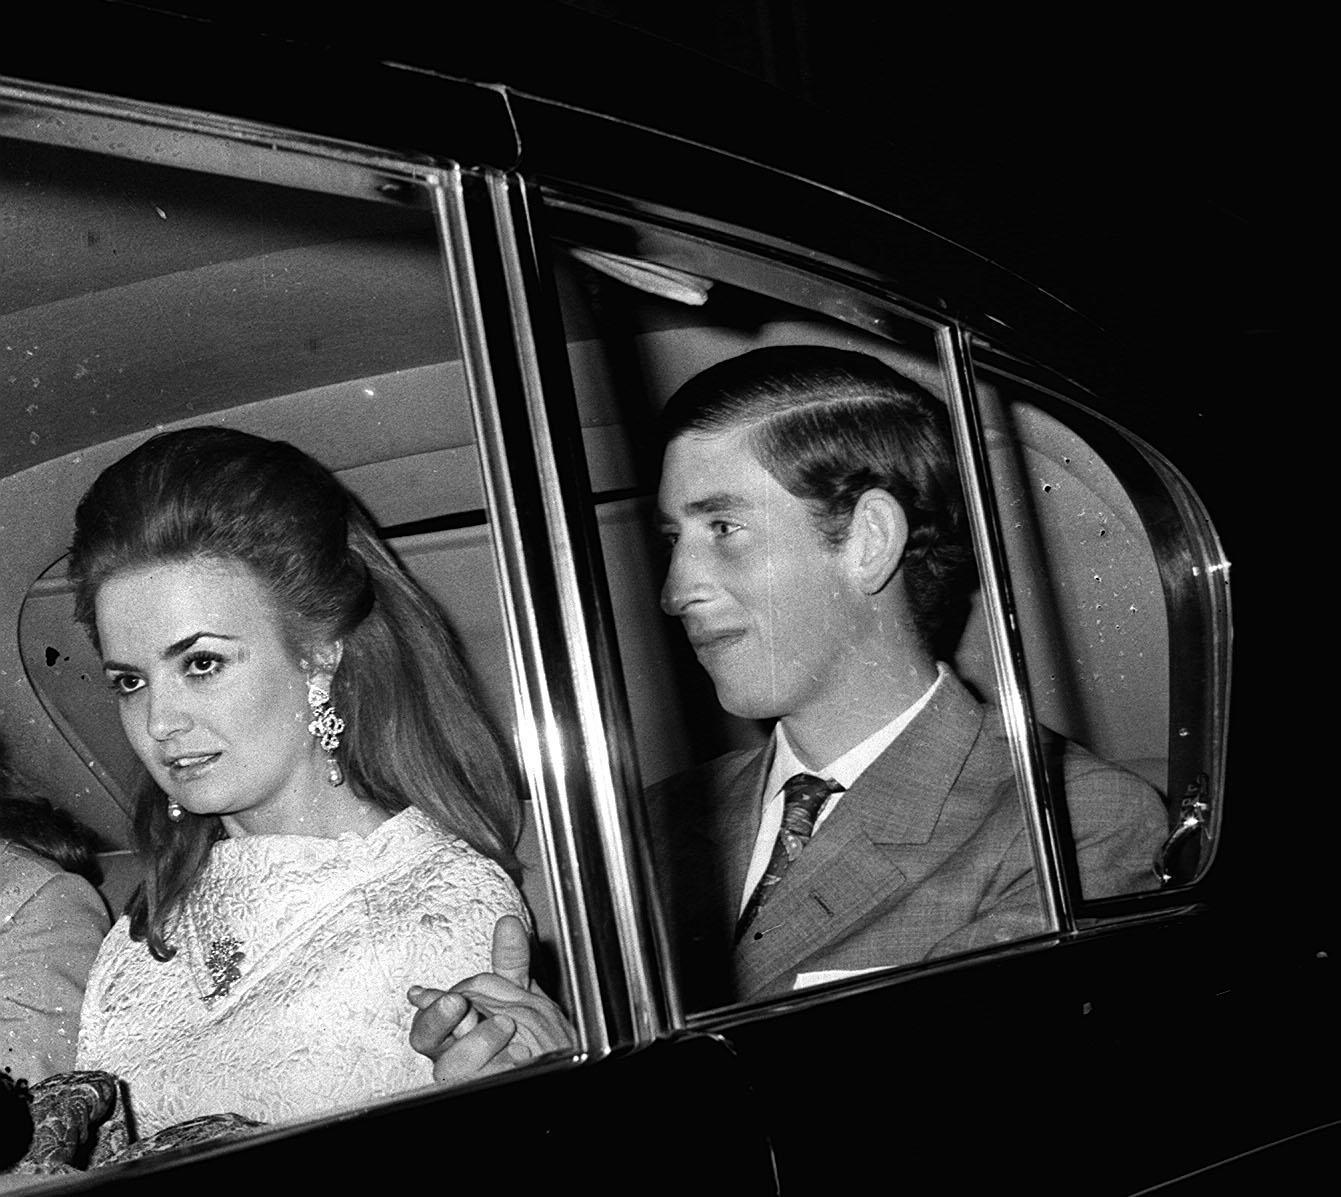 Nach einer Theatervorstellung entsteht dieser Schnappschuss von Prinz Charles und Lucia Santa Cruz 1970.